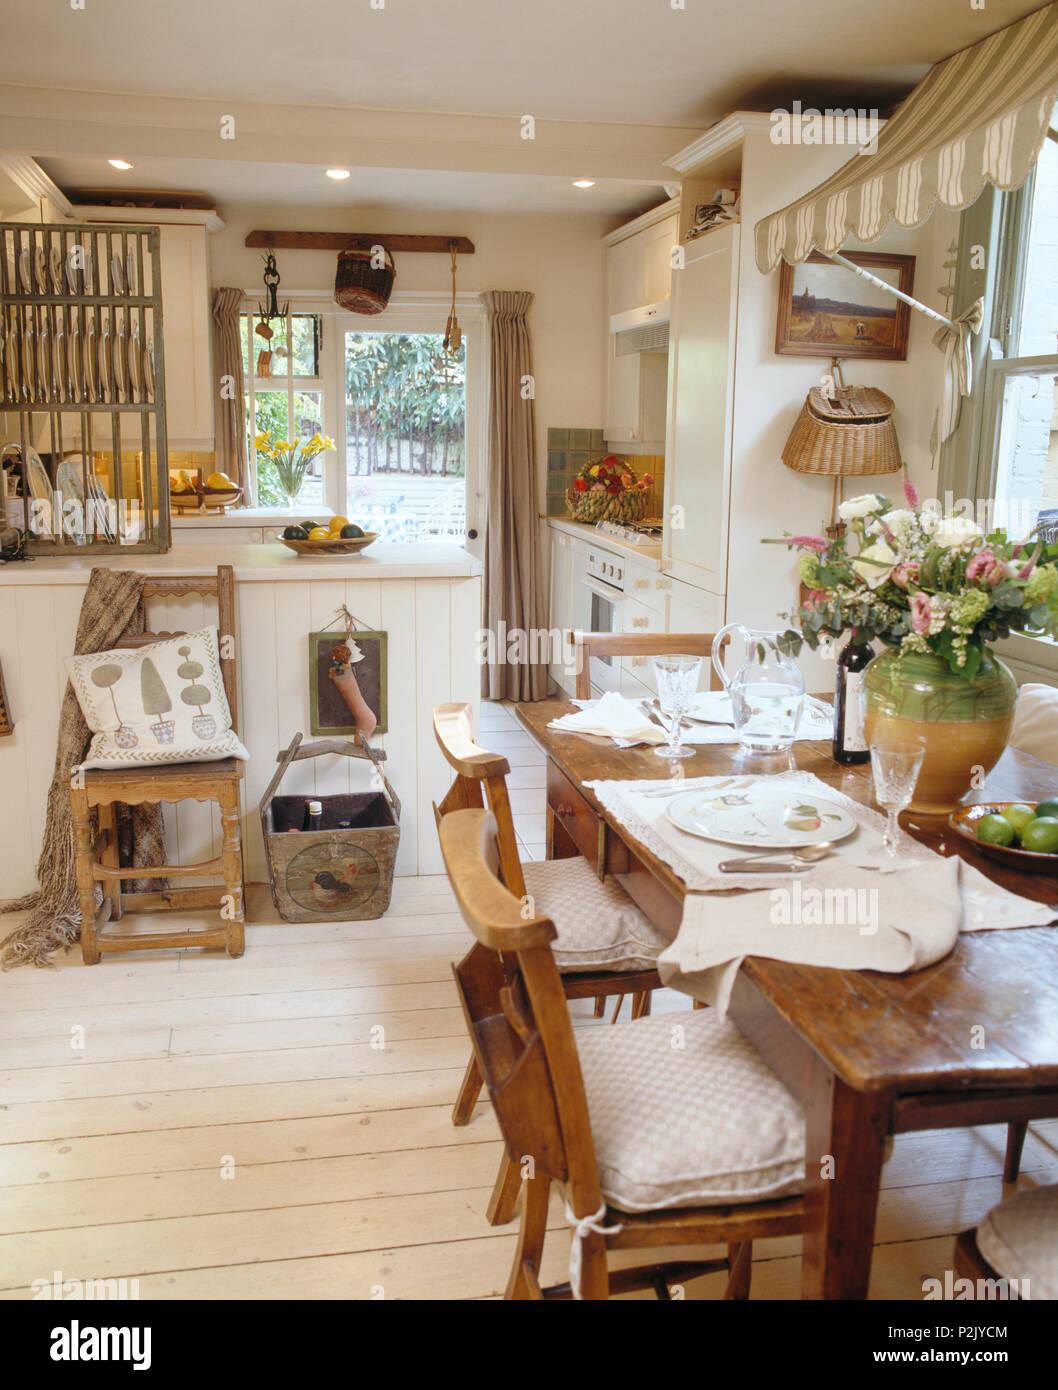 Vecchia Cappella sedie in legno semplice tabella nel paese cucina ...